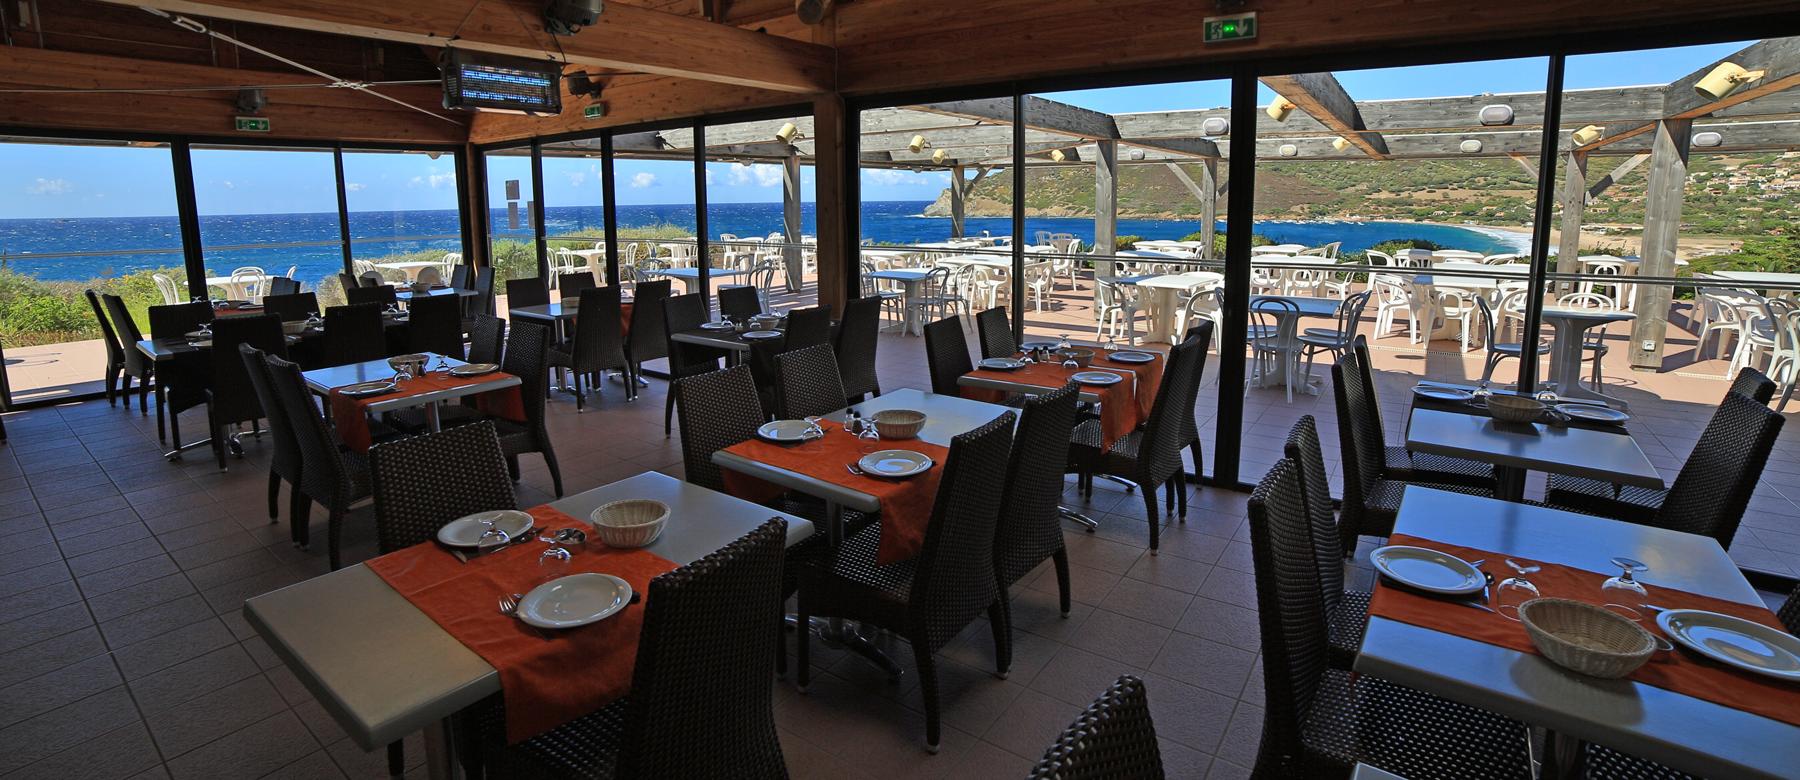 Le vin clos santini dans notre restaurant paese di lava village vacances en corse du sud - Restaurant corse du sud ...